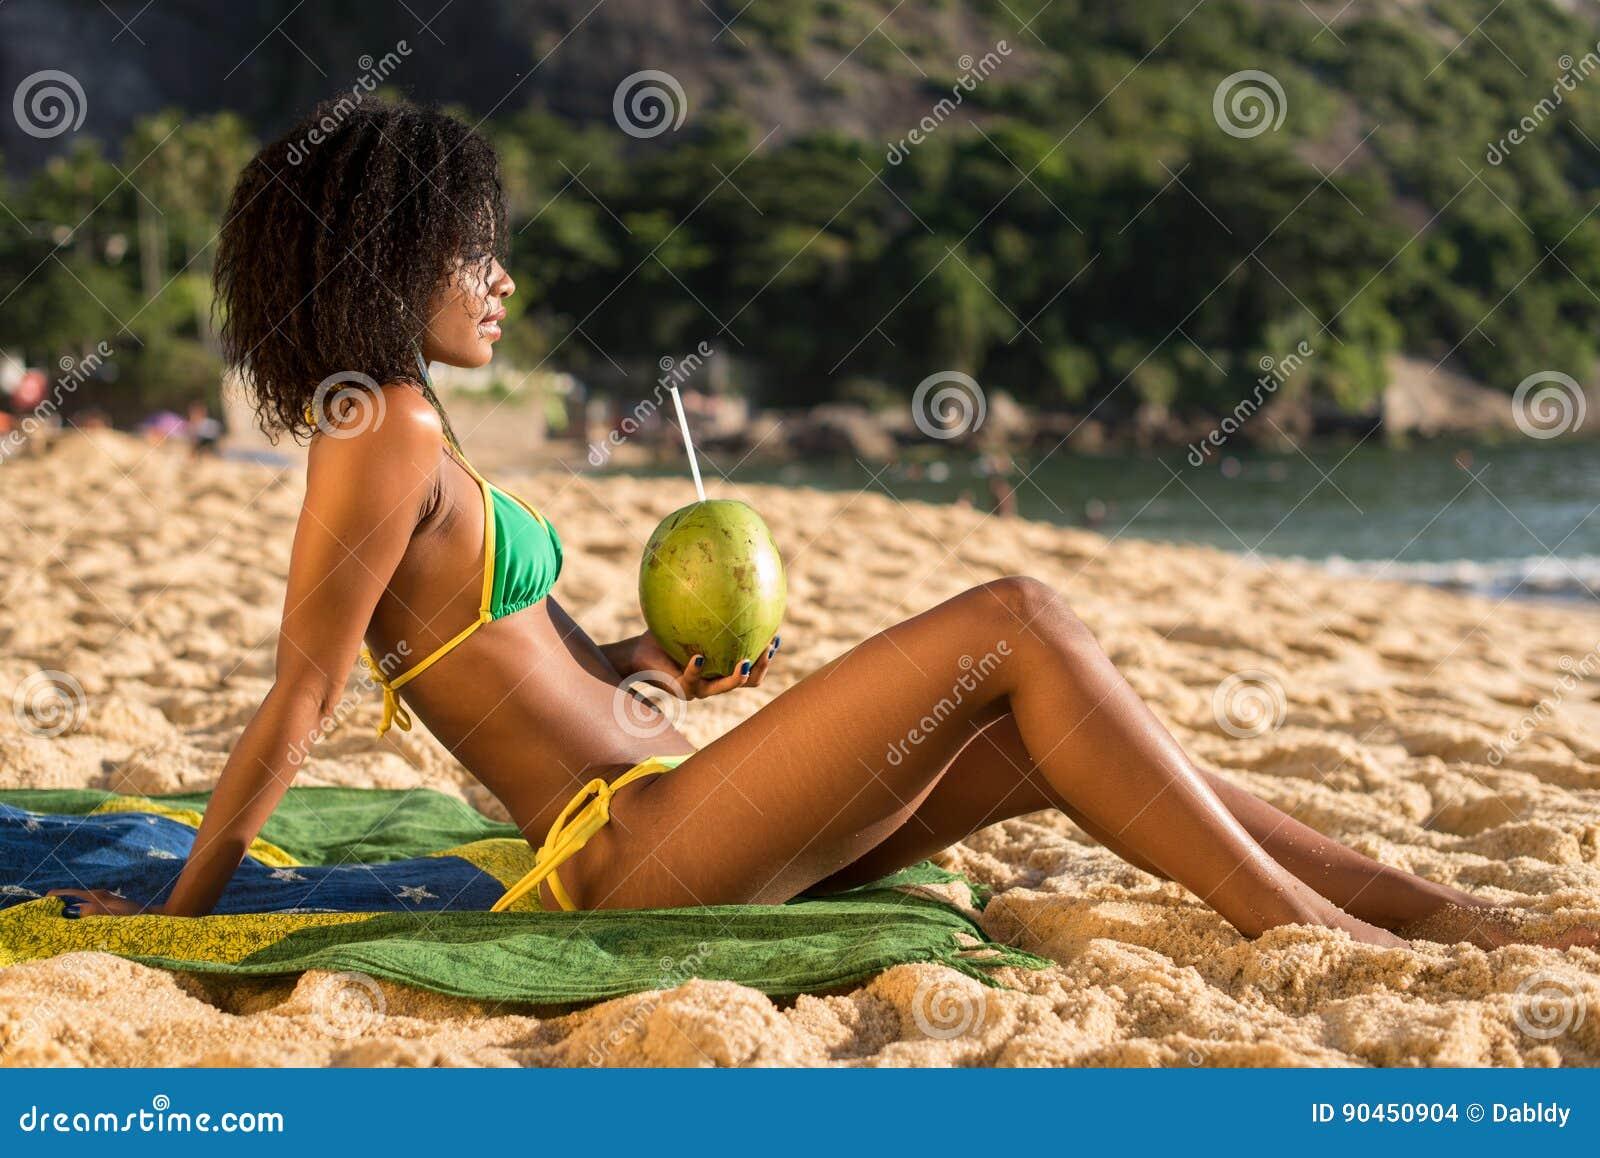 Фото красивых девушек на бразильском пляже фото 36-298